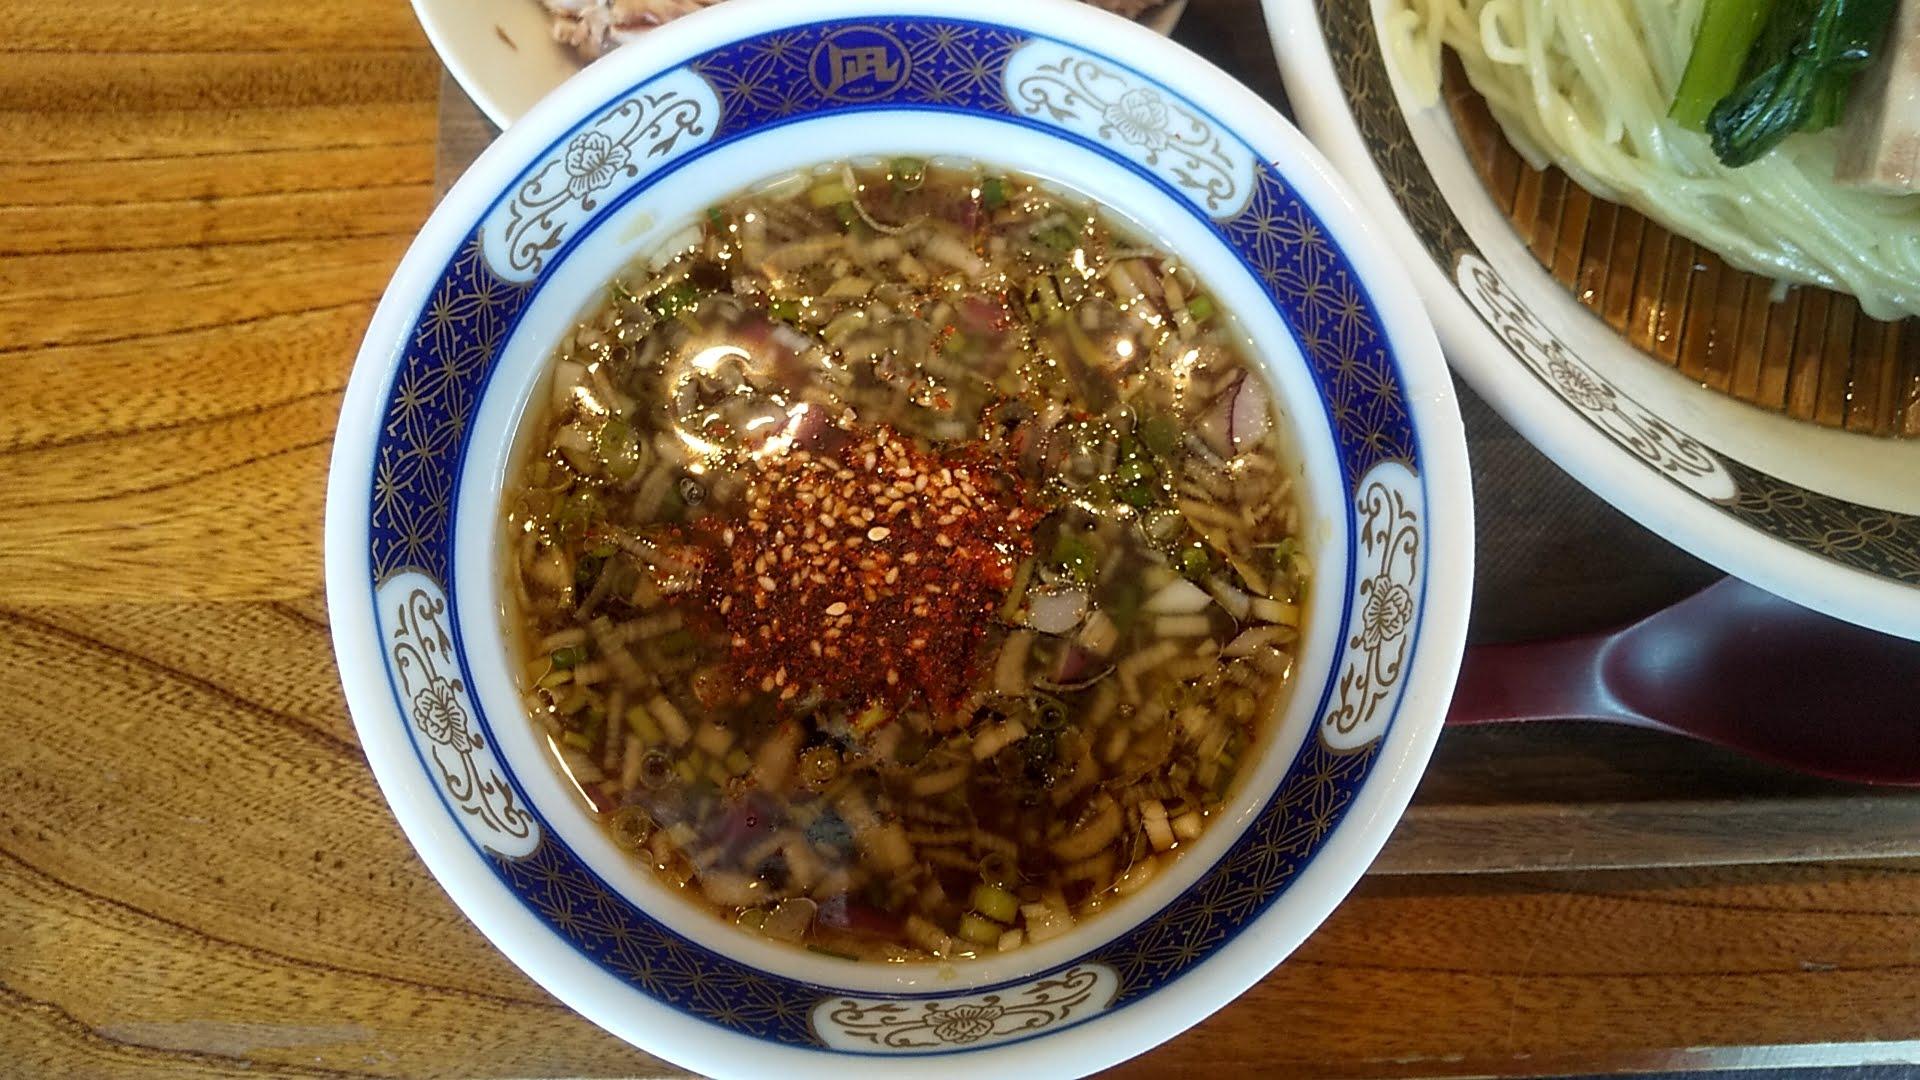 ラーメン凪浅草店の特製煮干しざる中華のつけ汁